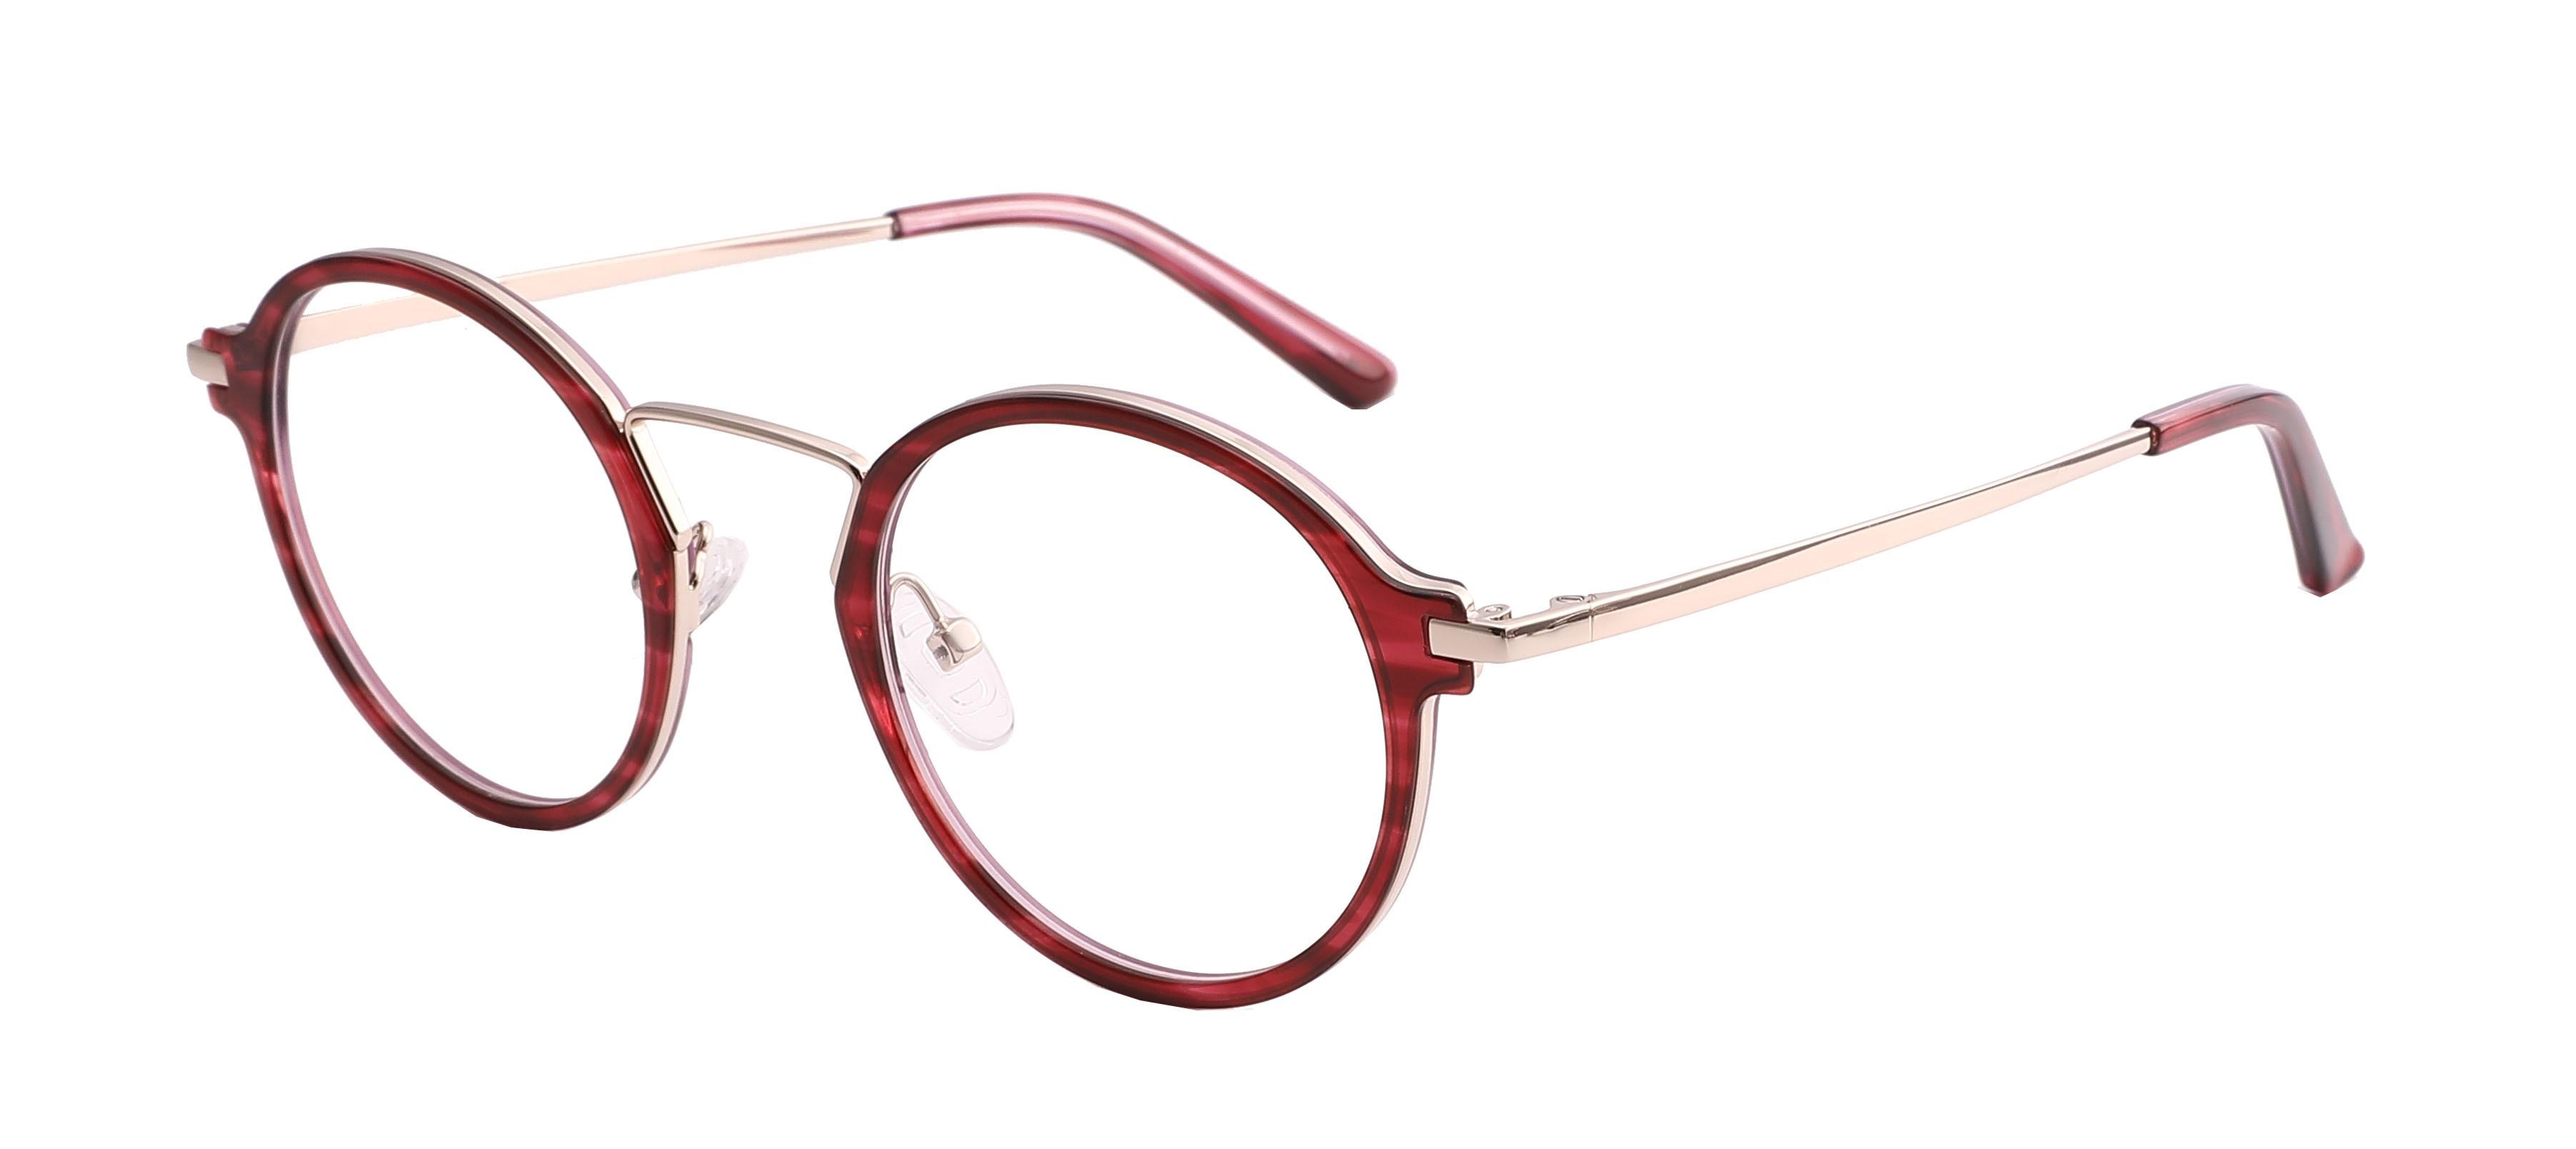 Ari sinise valguse prillid